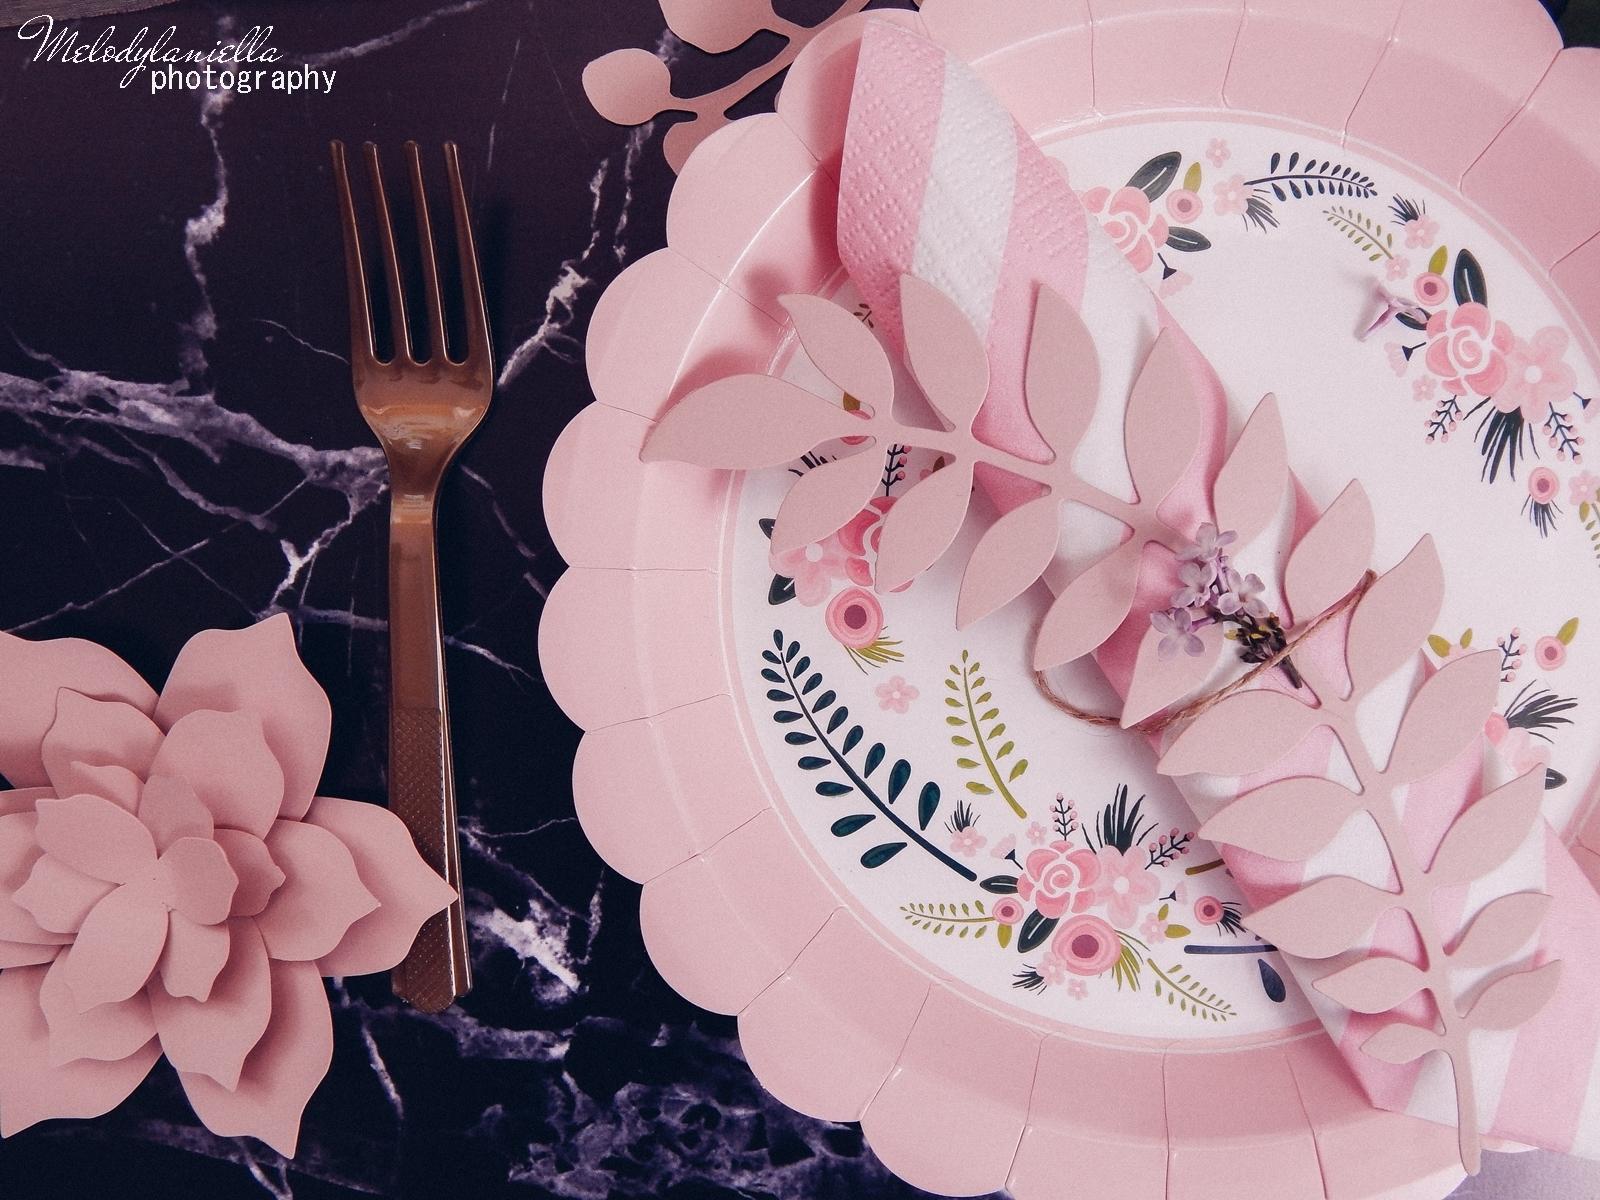 5 partybox.pl imprezu urodziny stroje dodatki na imprezę dekoracje nakrycia akcesoria imprezowe jak udekorować stół na dzień mamy pomysły na dzień matki ozdobna zastawa talerze